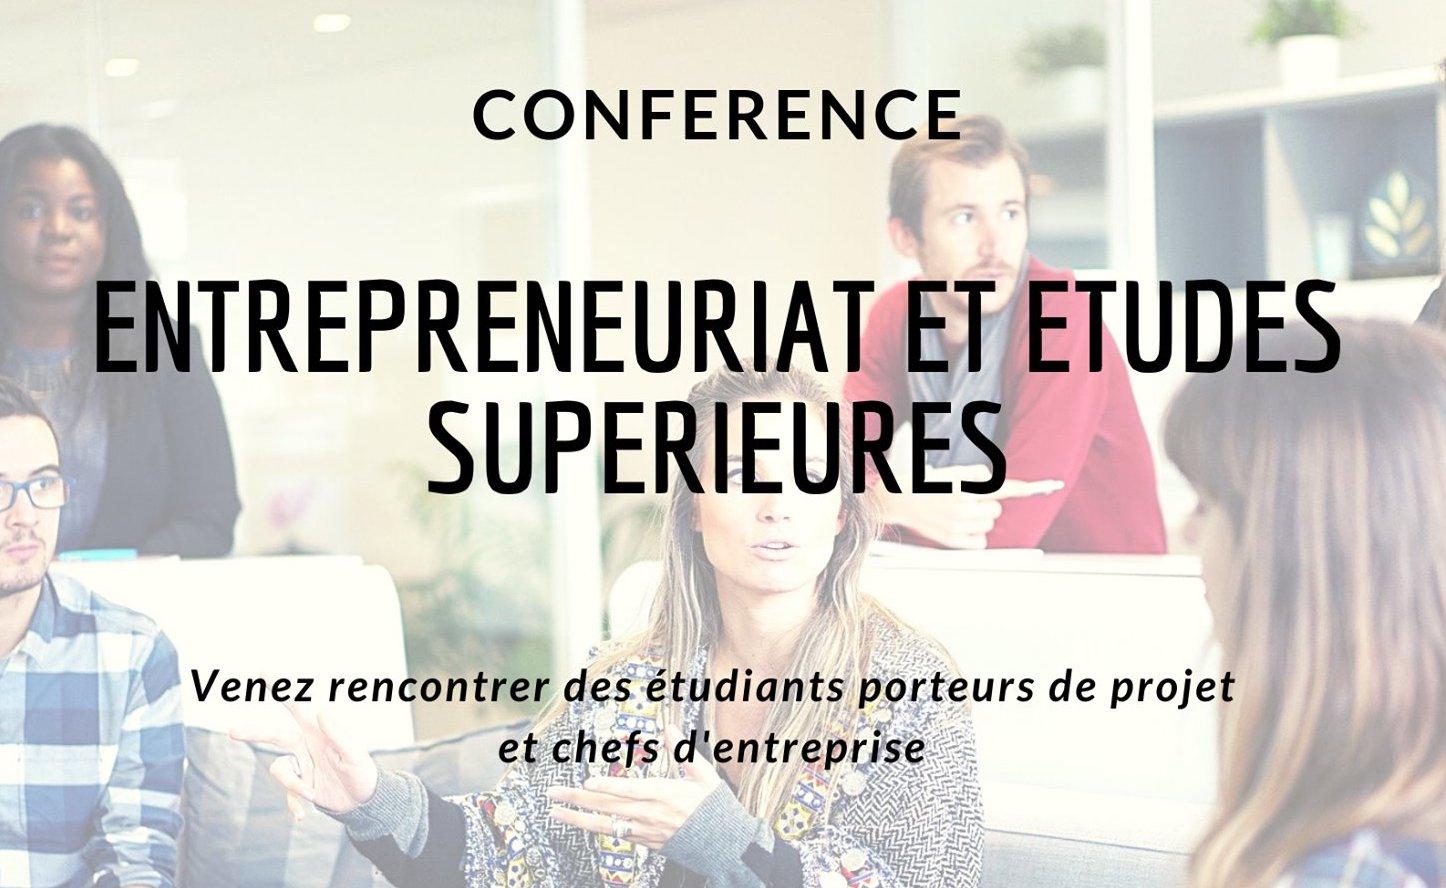 L'entrepreneuriat et études supérieures @ SIGMA Clermont - Amphi Blaise Pascal | Aubière | Auvergne-Rhône-Alpes | France